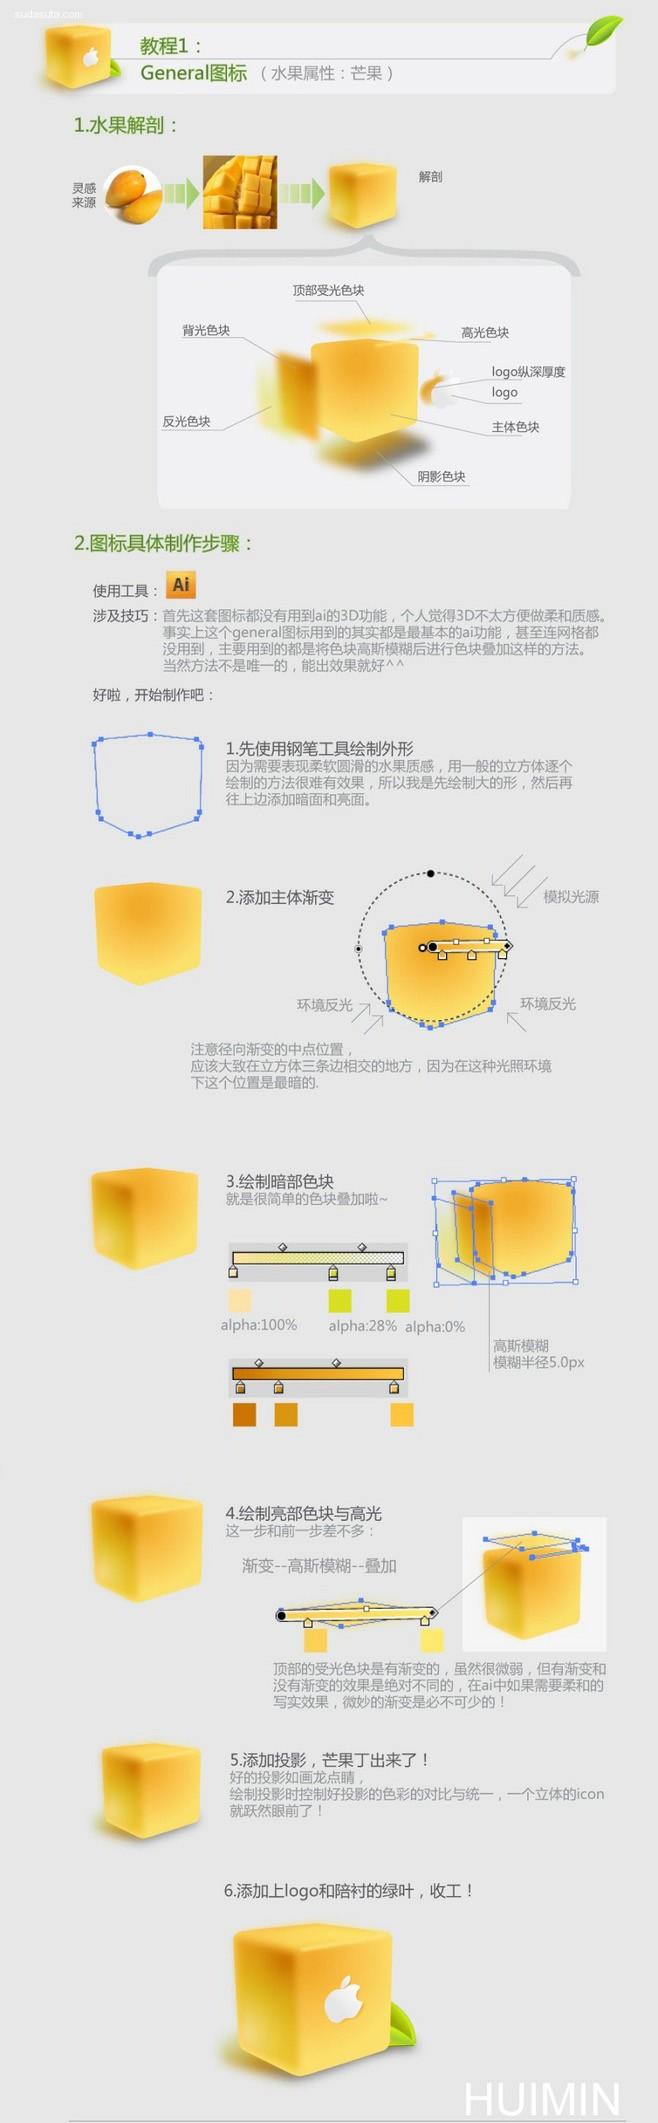 在Illustrator中如何绘制一个精英的水果图标